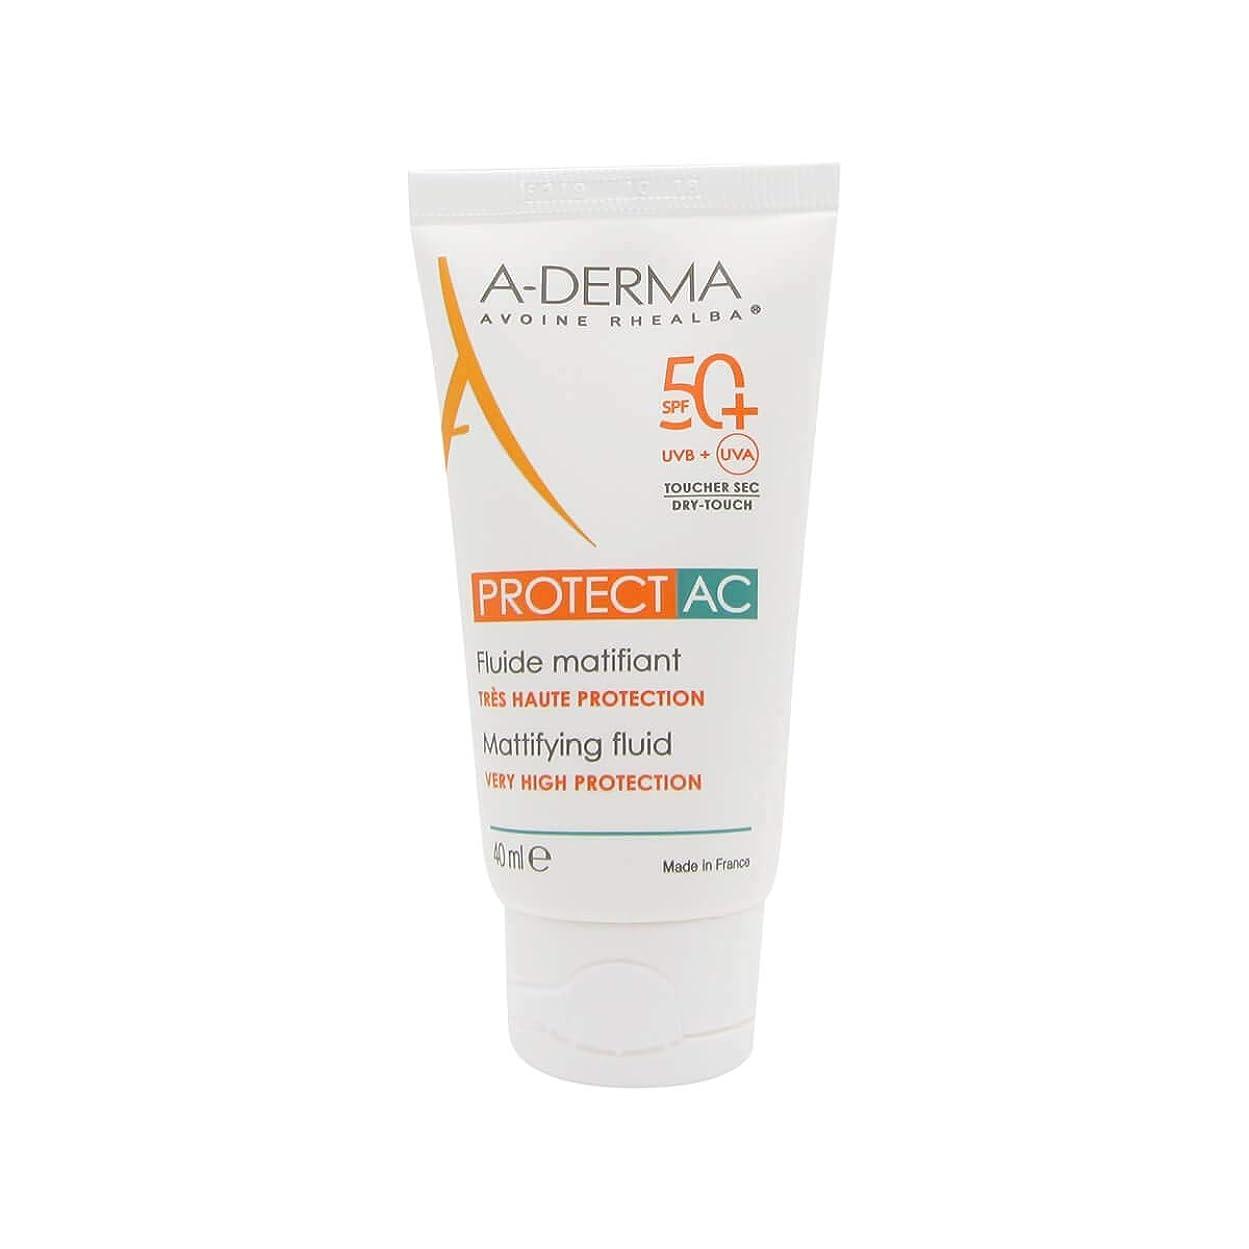 ミンチプロペラカレンダーA-Derma Protect AC Mattifying Fluid SPF50+ 40ml